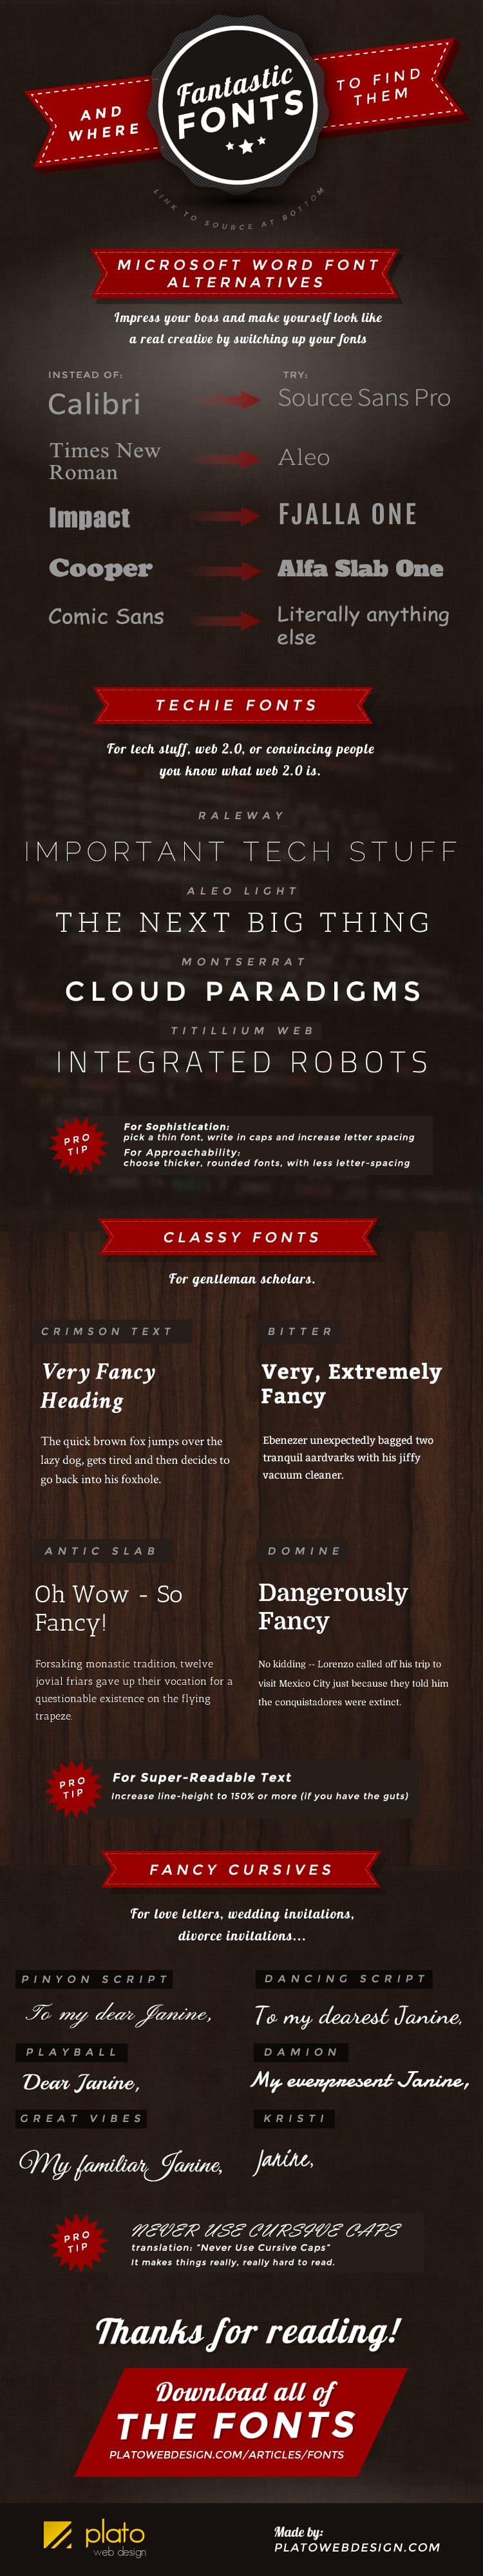 Fantastic-Fonts